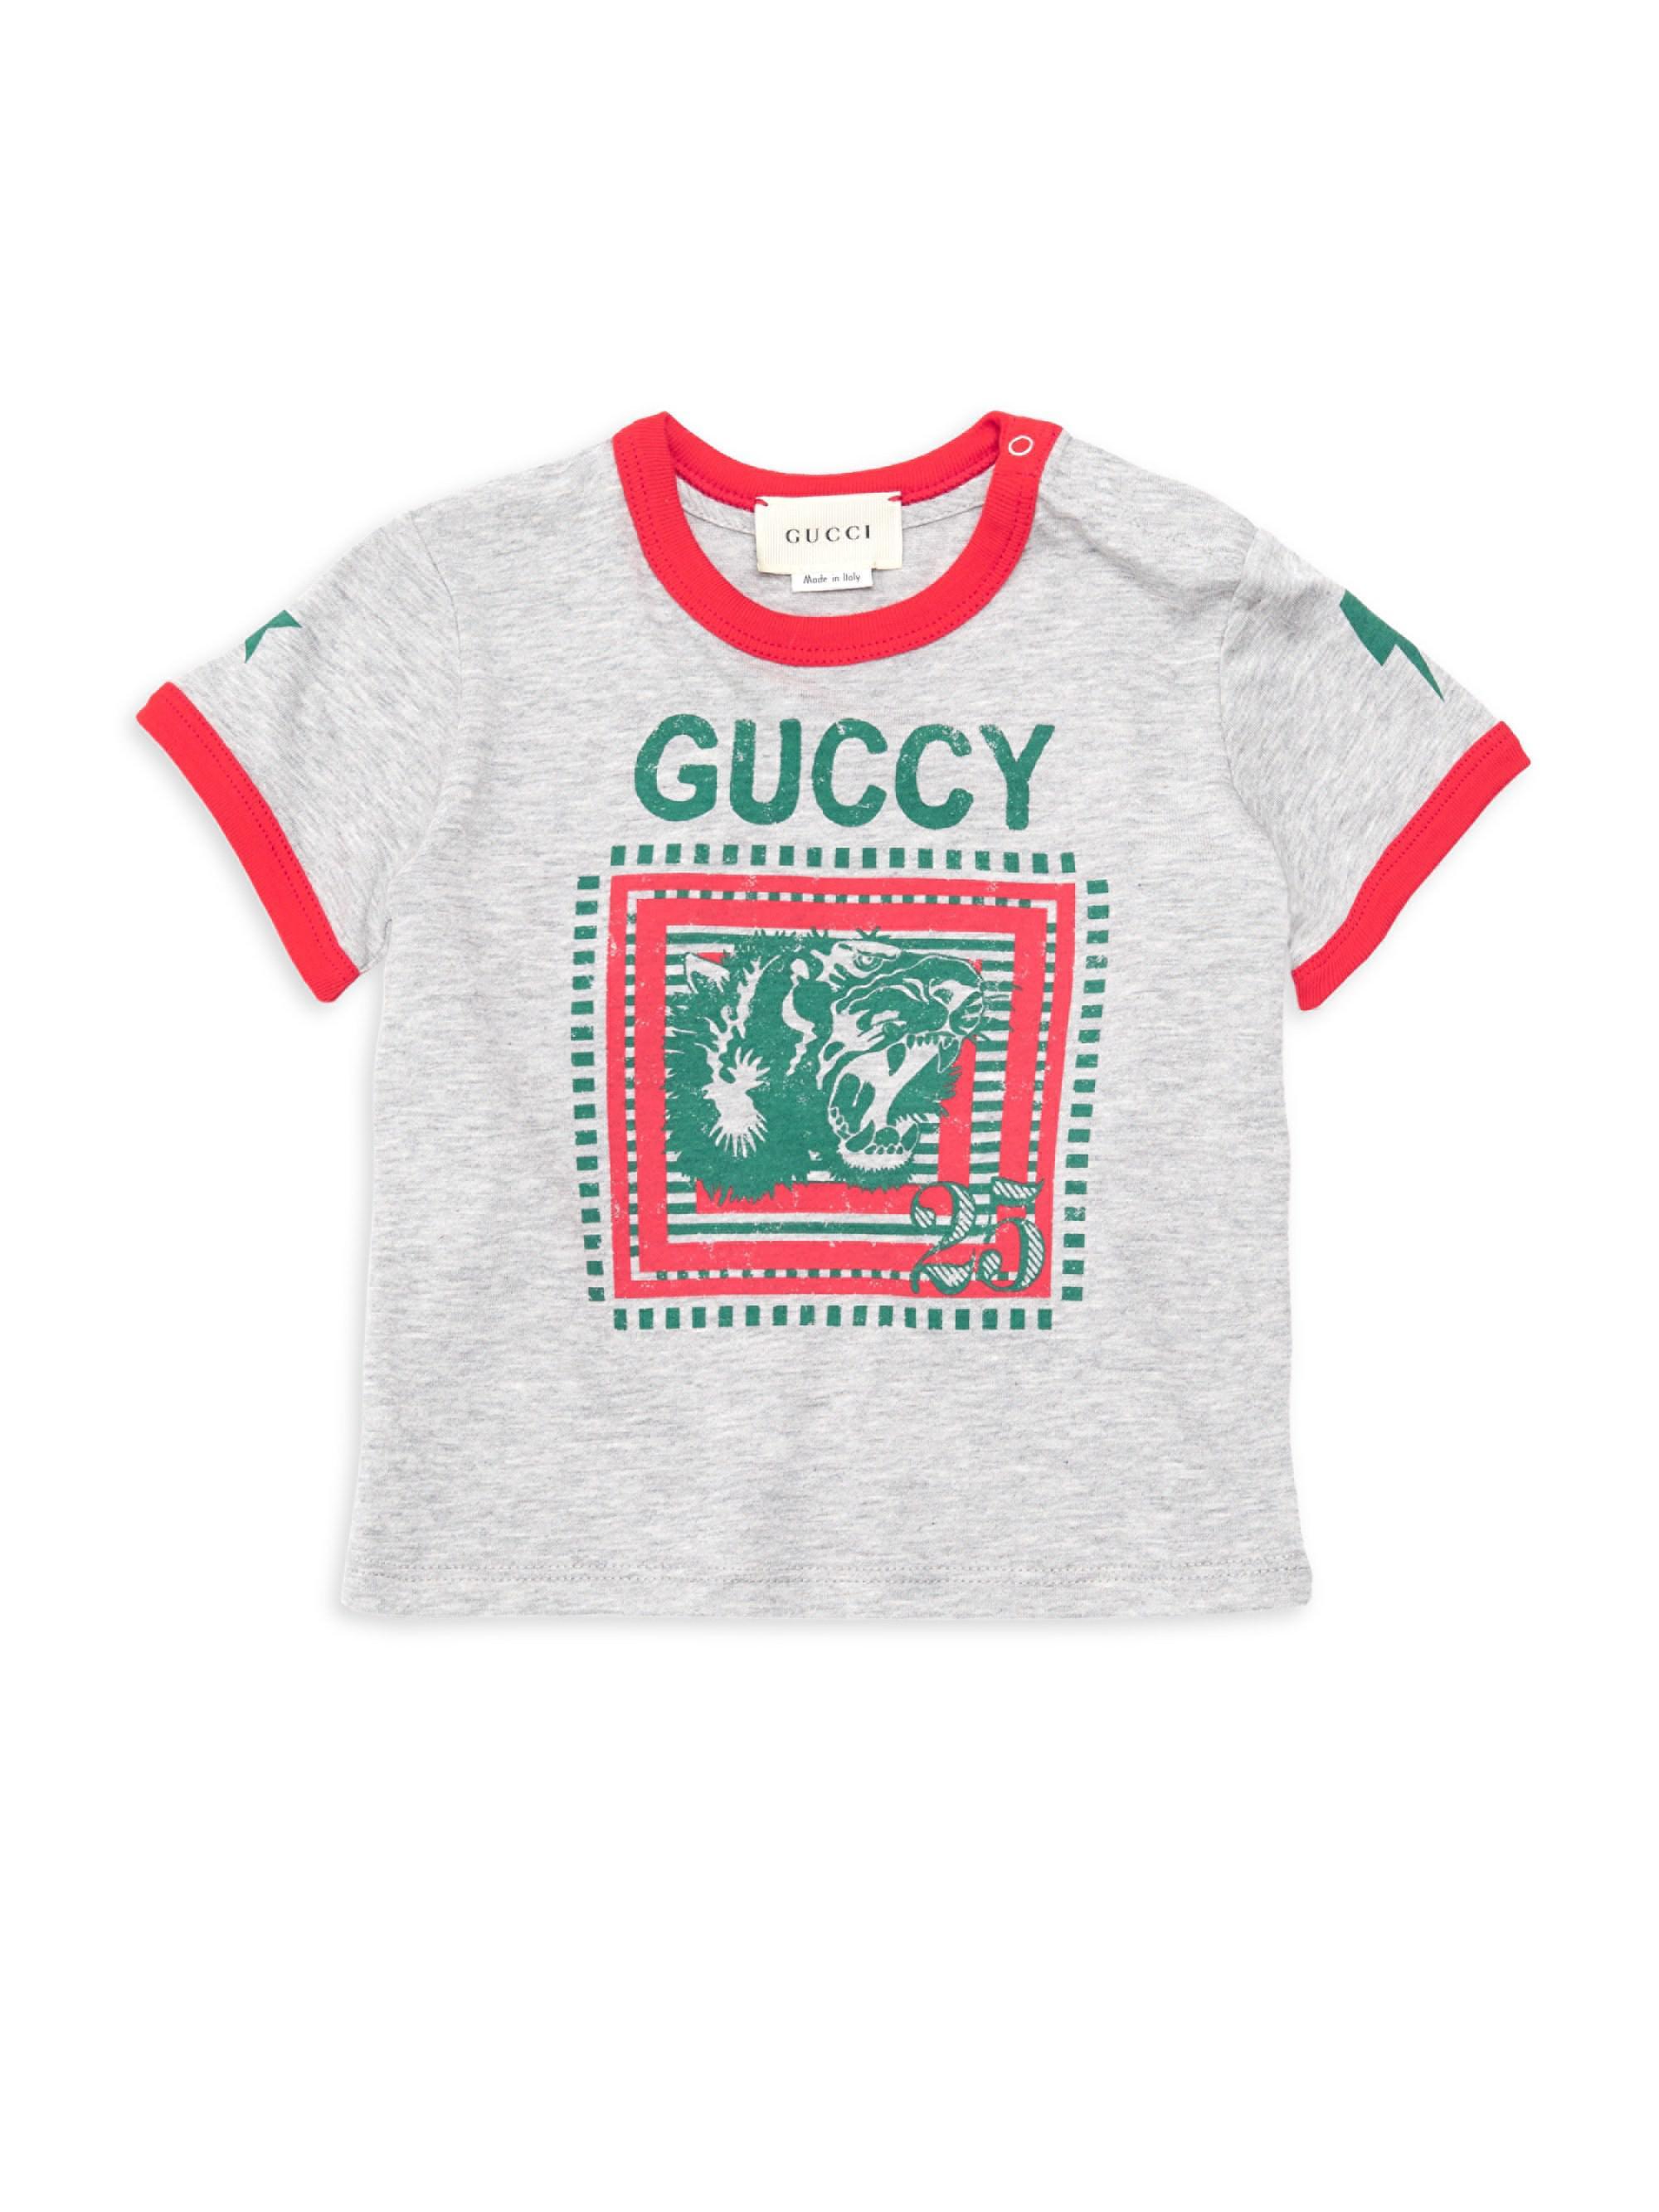 2f0e3061a4a Gucci Baby Boy s Tiger 25 Logo T-shirt in Gray for Men - Lyst